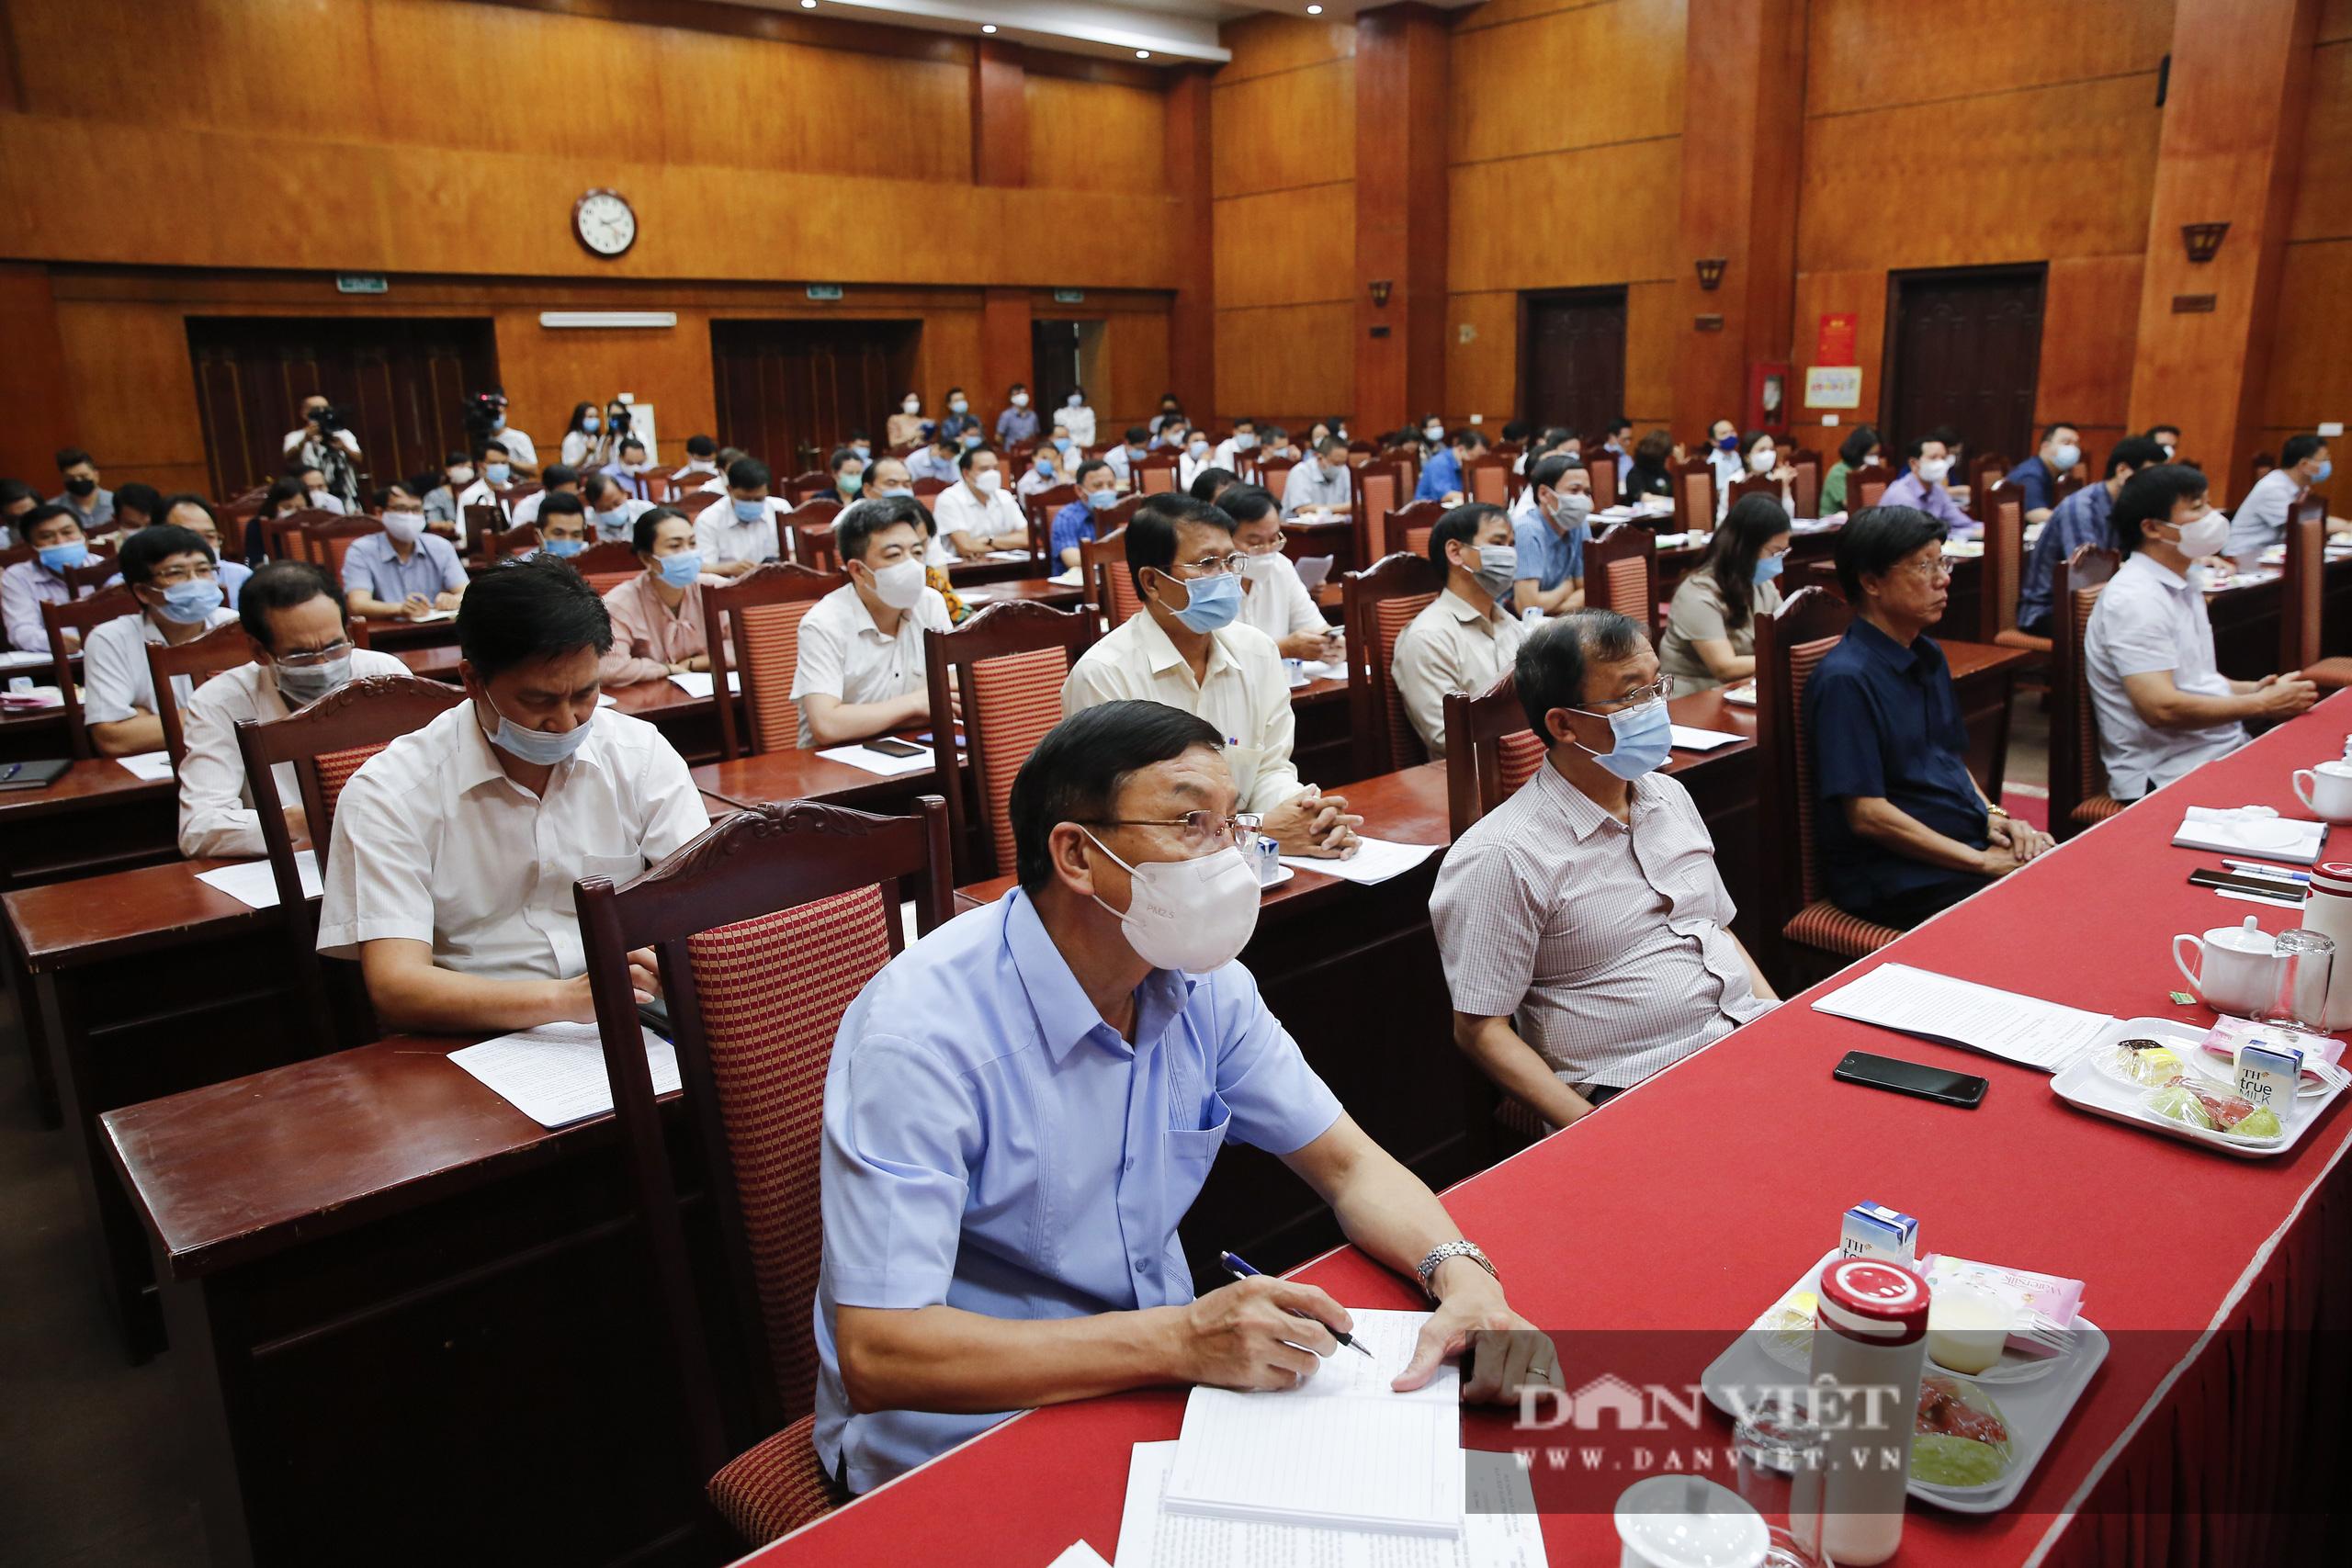 Ảnh: Hội nghị BCH TƯ Hội Nông dân Việt Nam triển khai quyết định của Bộ Chính trị về công tác cán bộ - Ảnh 4.